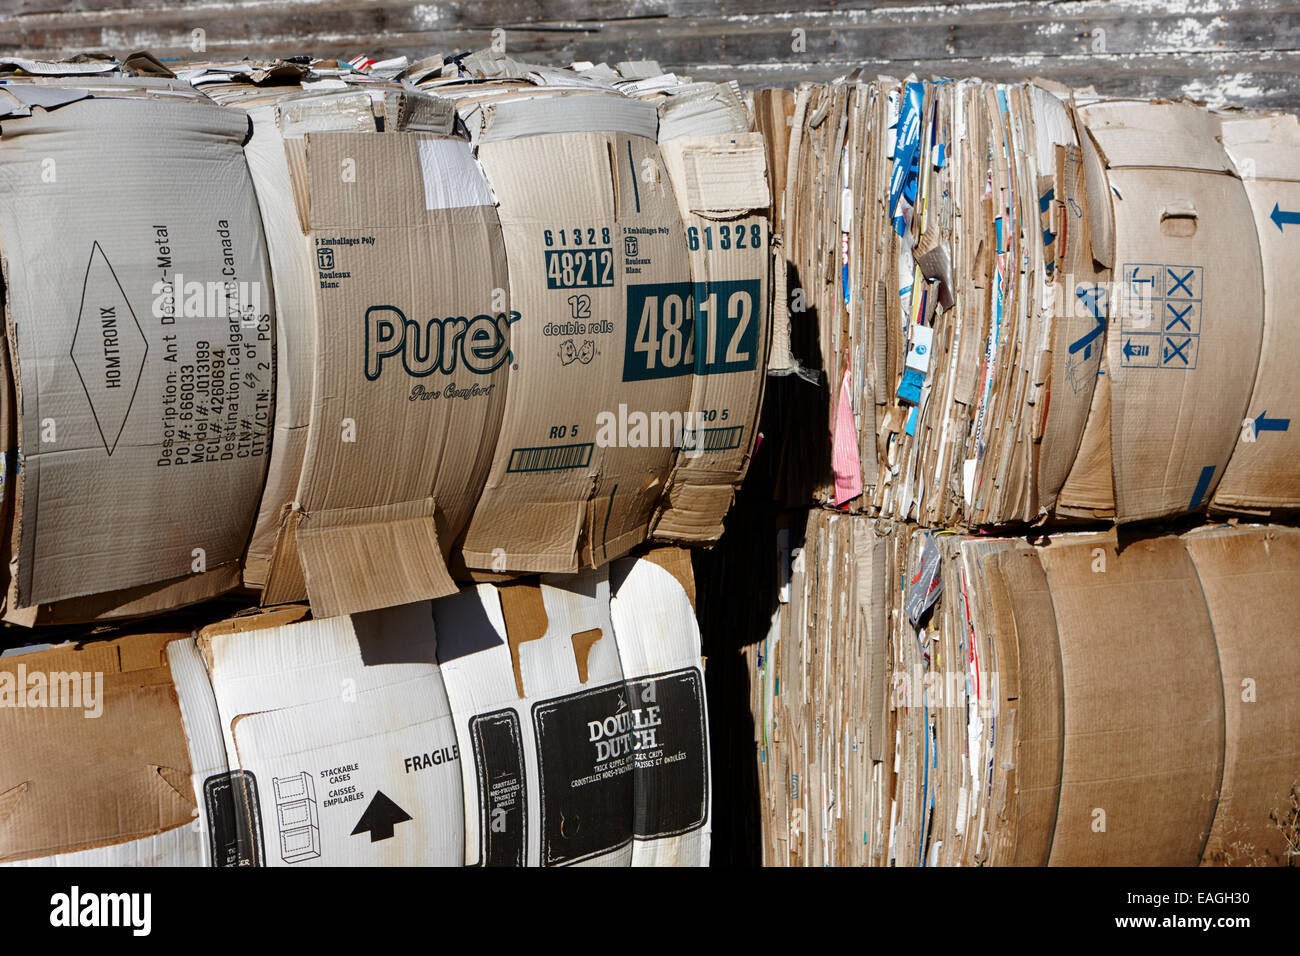 Ballen aus Pappe für das recycling von Saskatchewan Kanada Stockbild